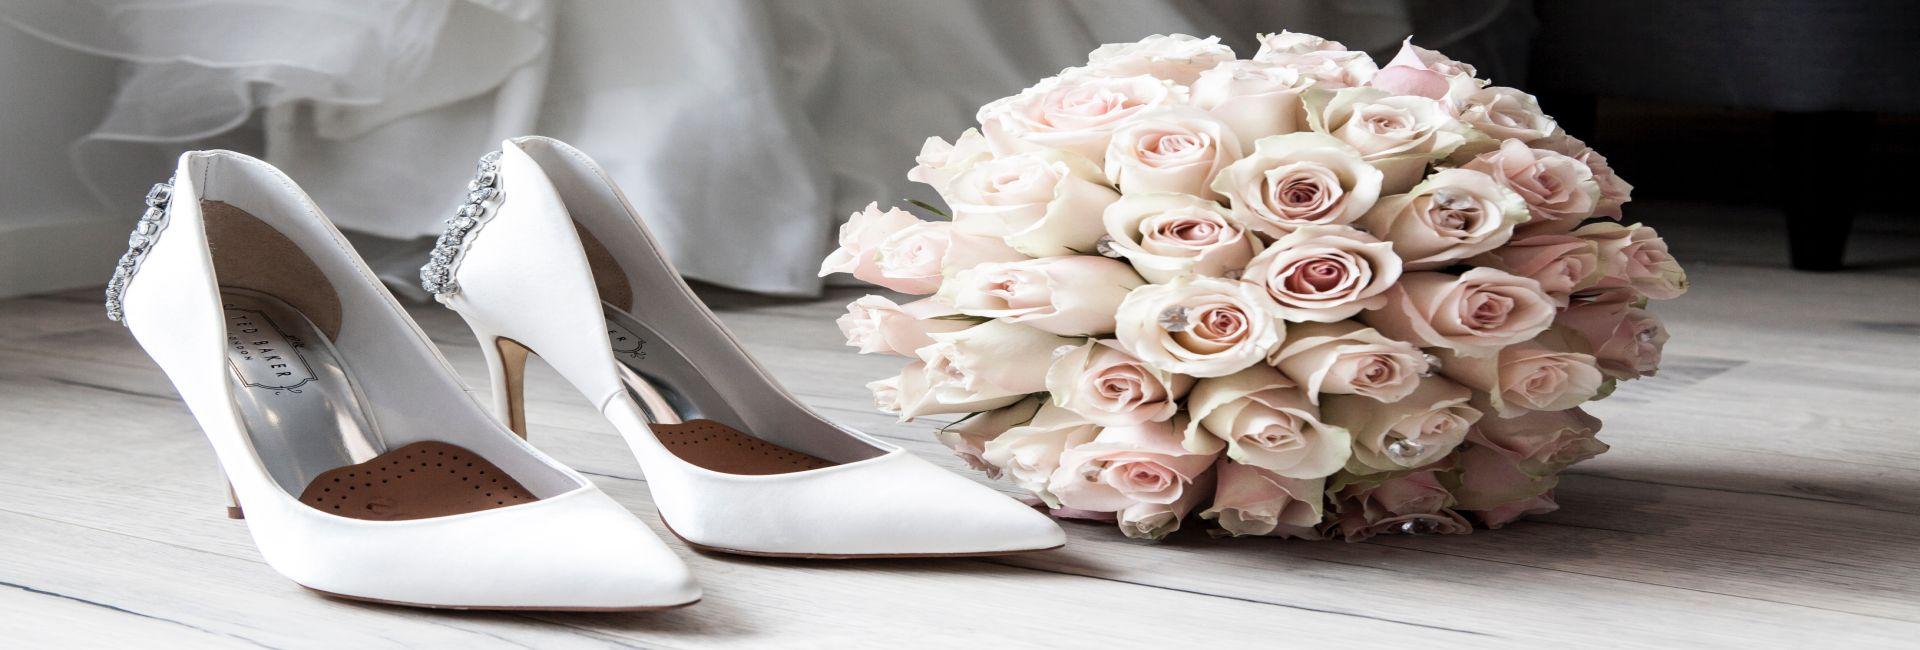 Schmuckbild Hochzeit Strauß und Schuh